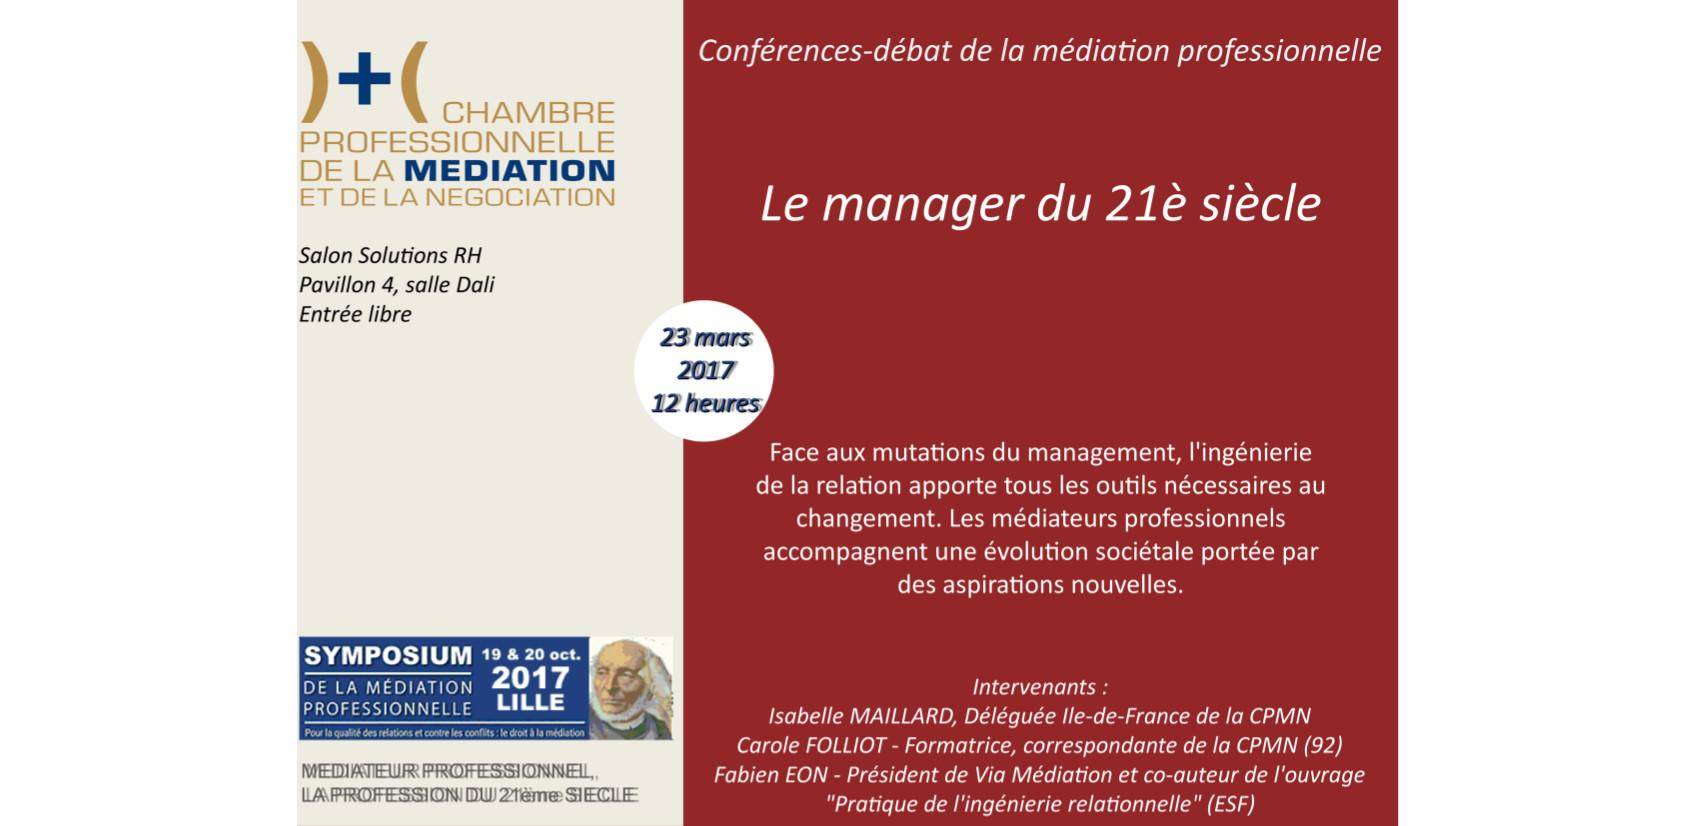 Idf nord archives ecole professionnelle de la - Chambre professionnelle de la mediation et de la negociation ...